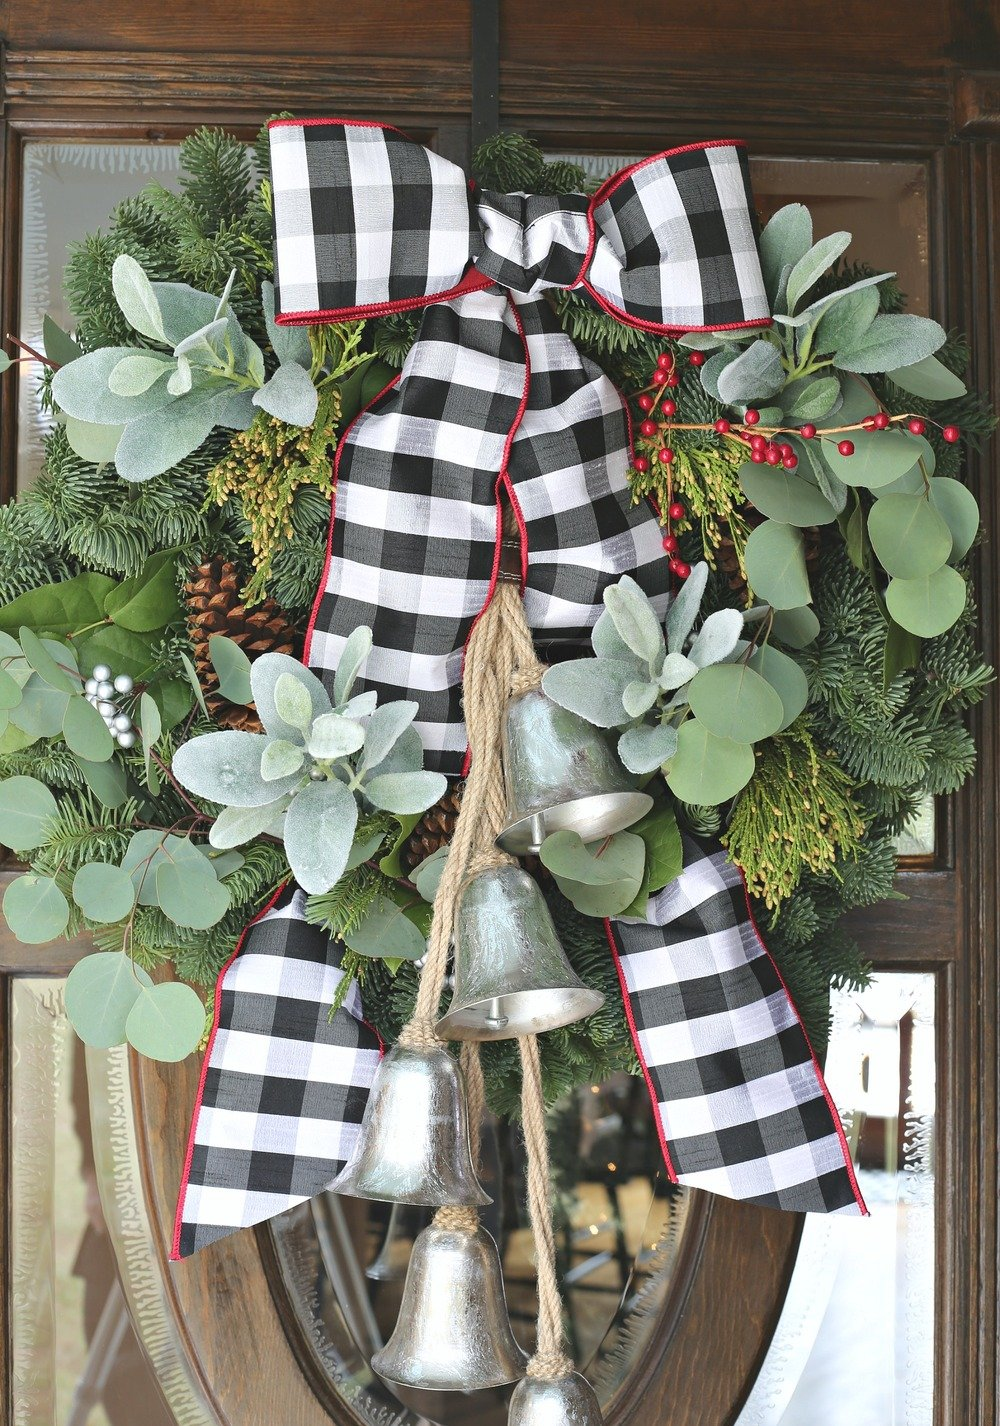 Modern farmhouse Christmas Wreath with Bow